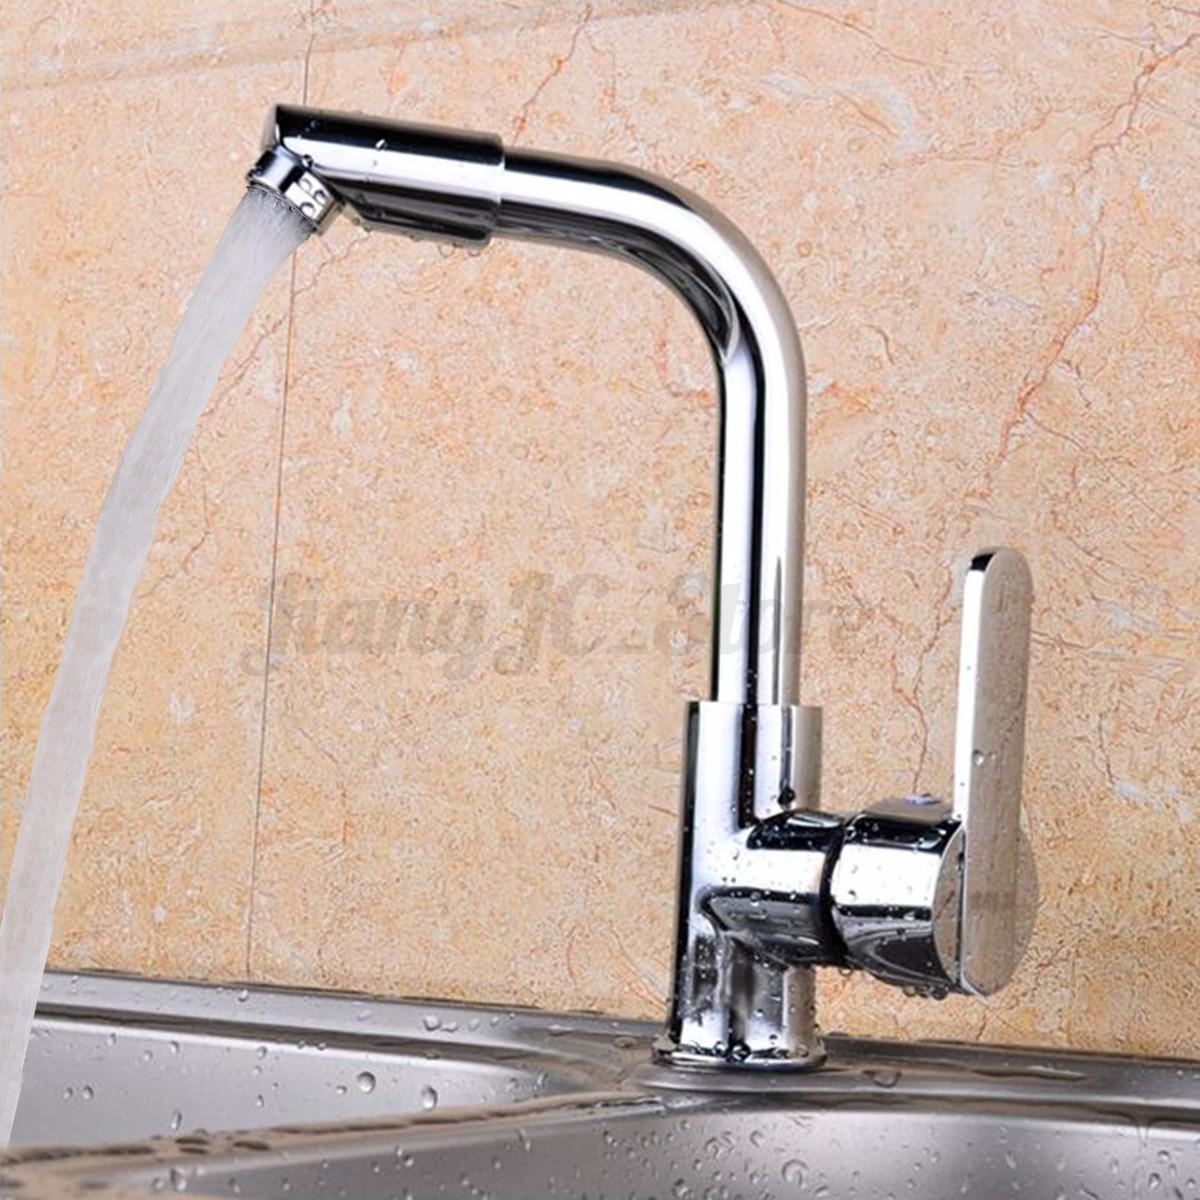 Modern chrome kitchen mixer tap sink basin bathroom water - No water pressure in kitchen sink ...